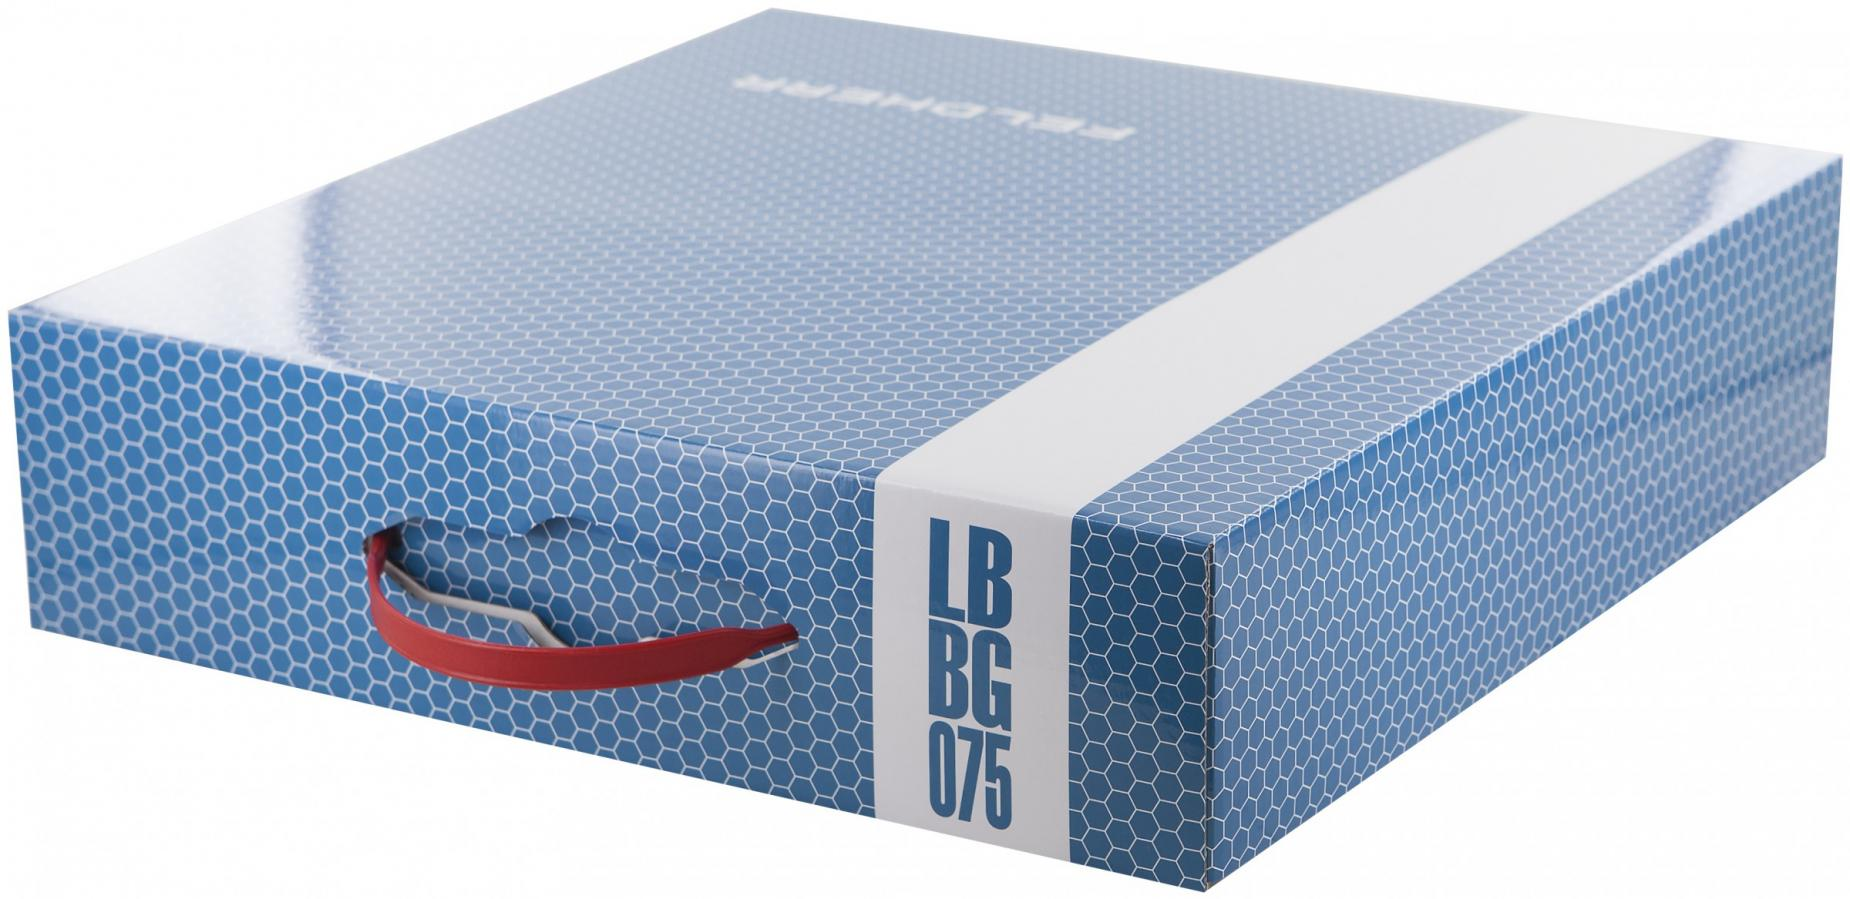 Feldherr board game sized Storage Box LBBG075 empty